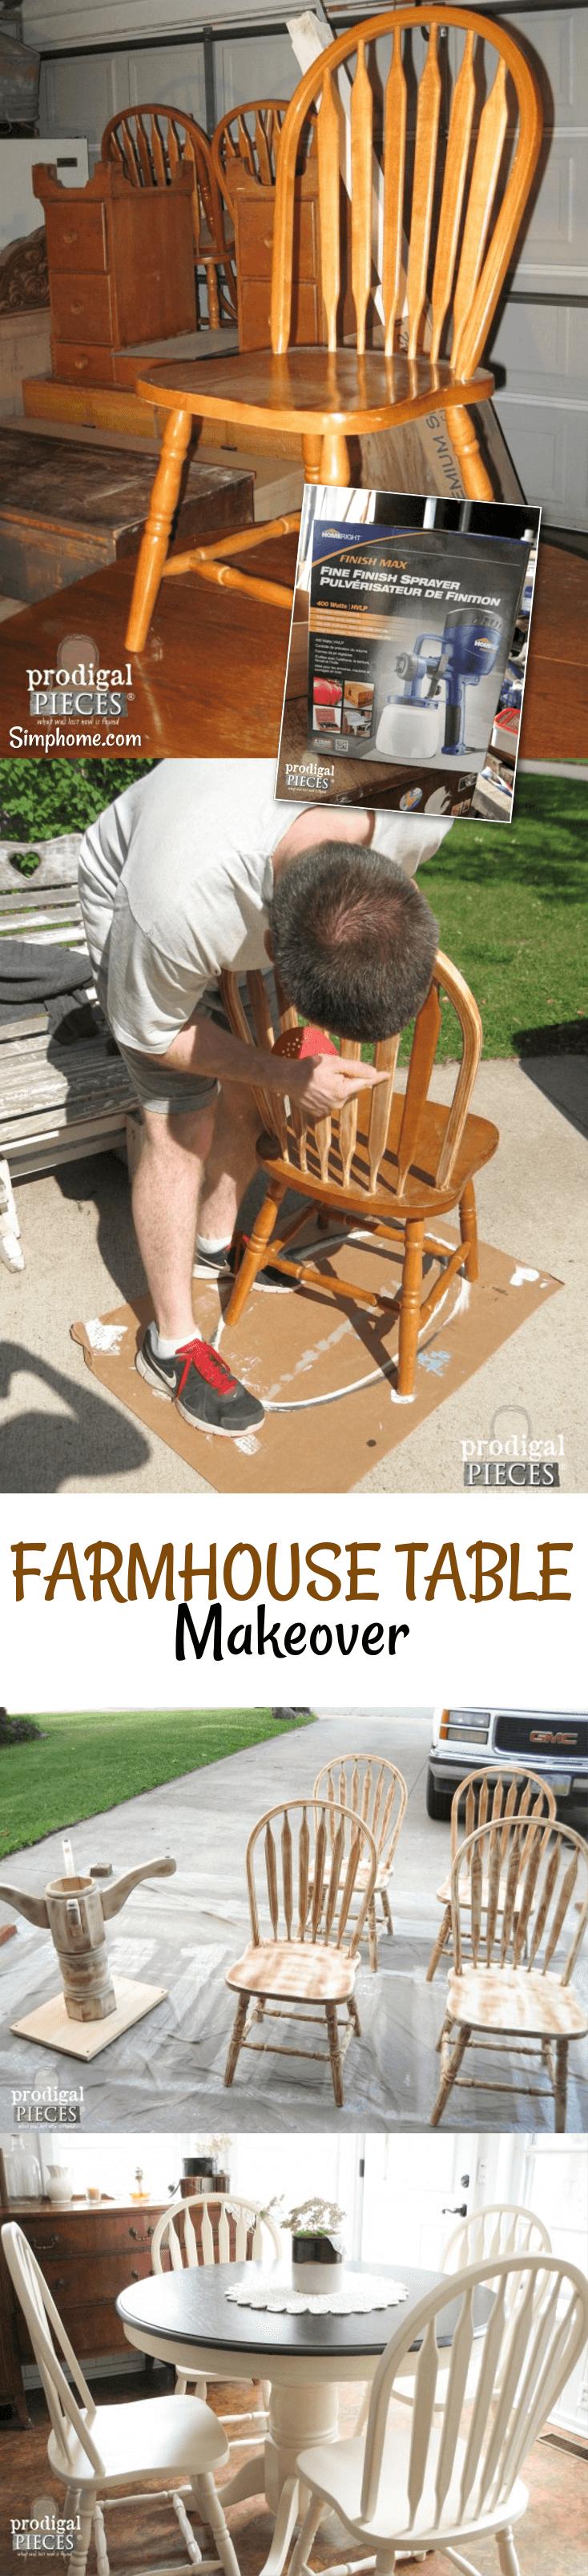 Farmhouse Table Makeover with HomeRight Sprayer 4 simphome com p